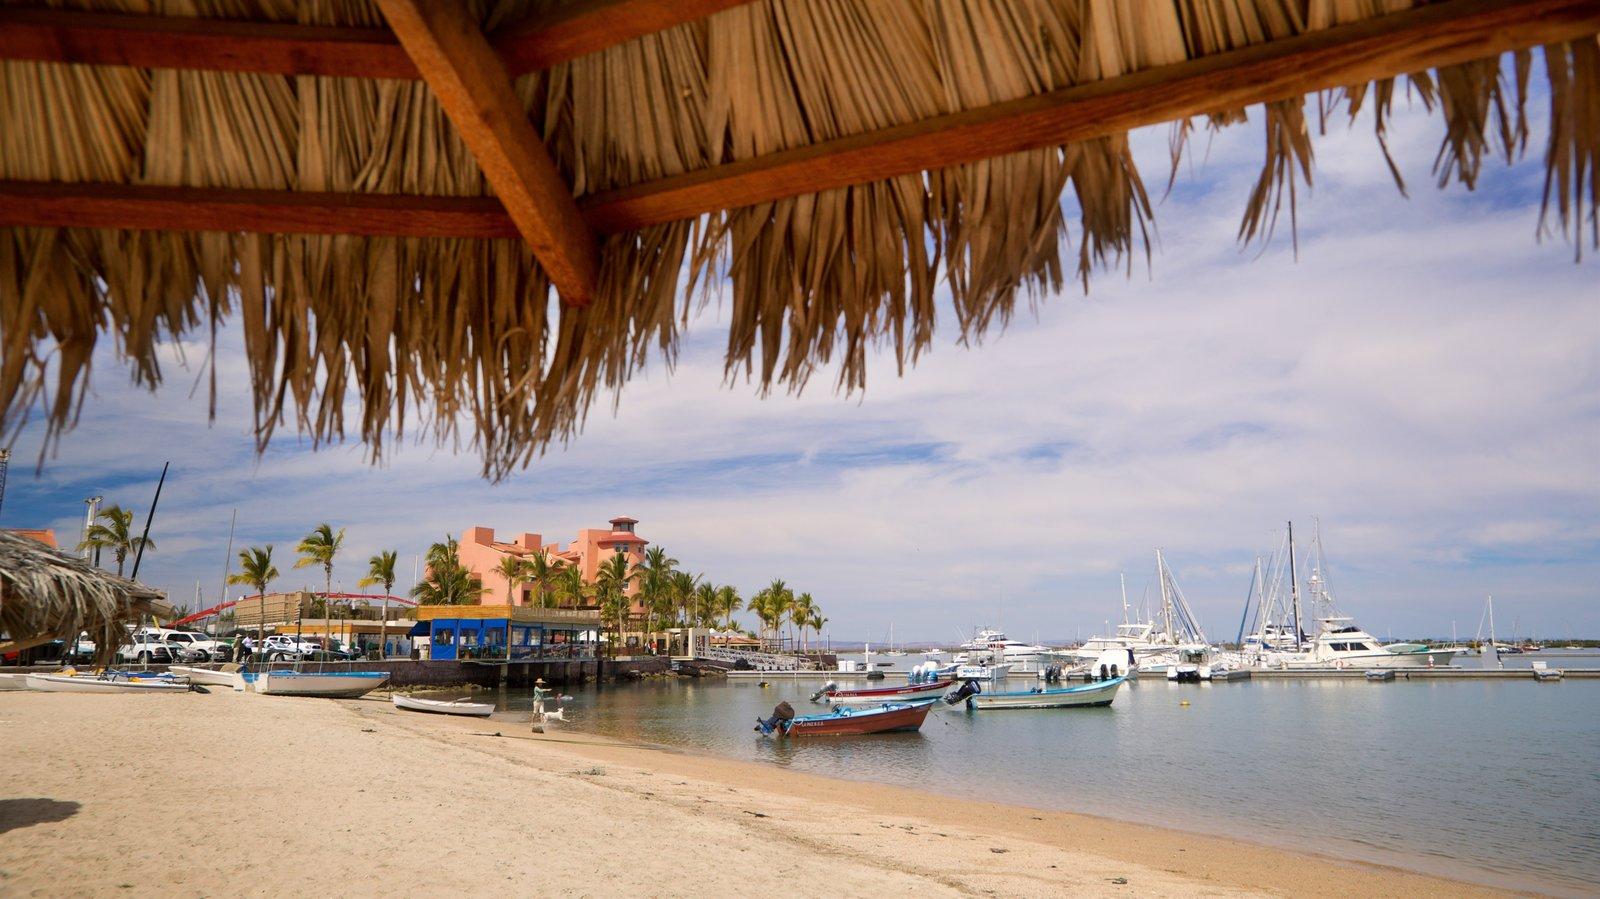 Puerto deportivo Marina Cortez que incluye una bahía o puerto y una playa de arena